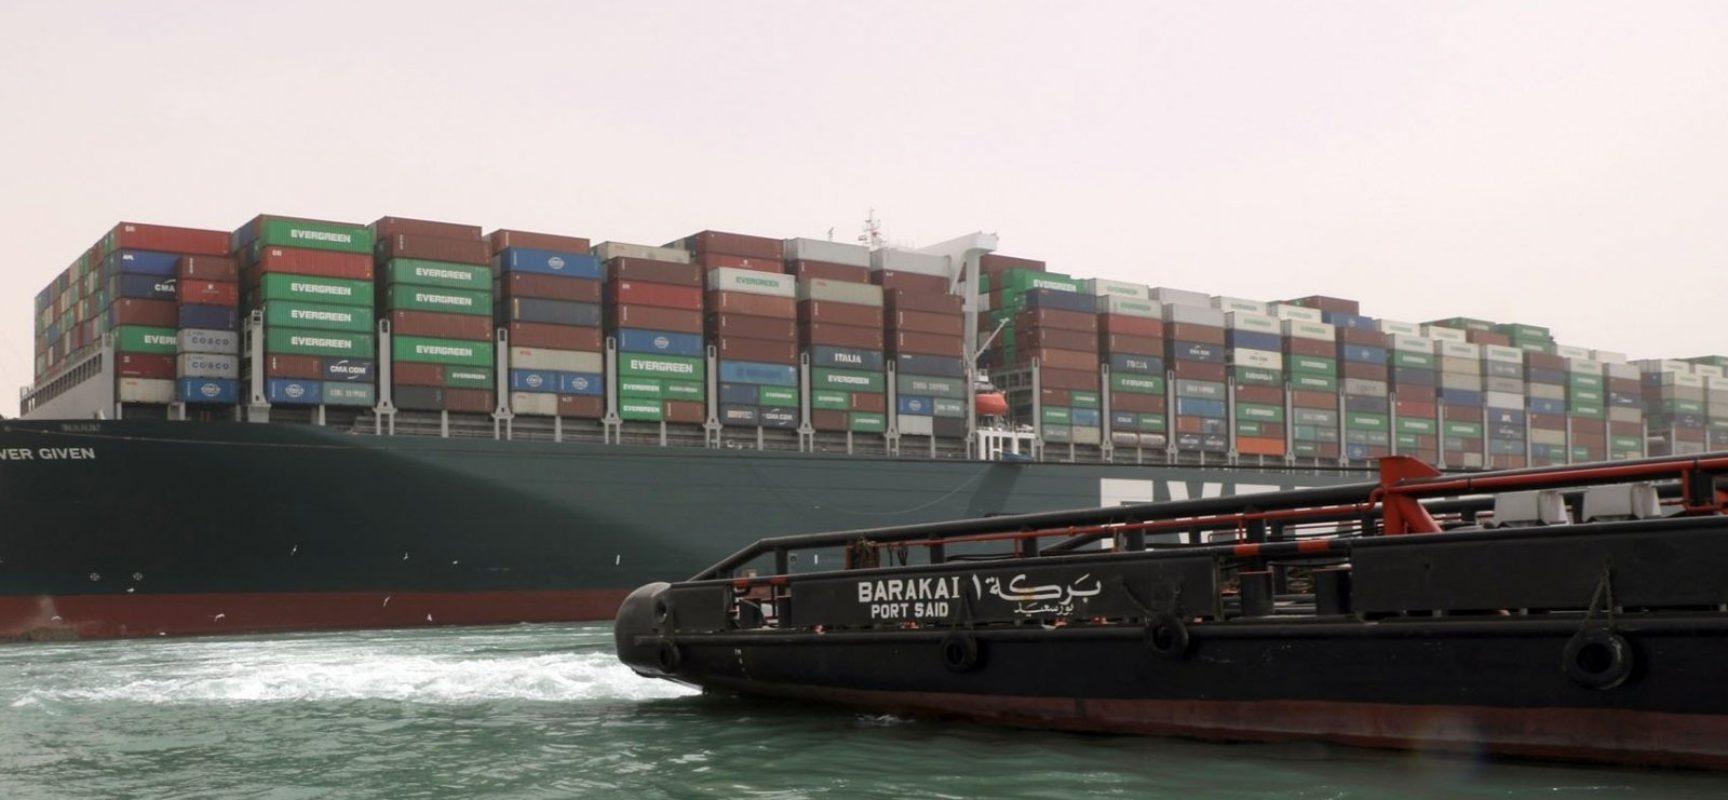 Canal de Suez: Engarrafamento já chega a 429 navios; prejuízos somam US$ 400 milhões por hora